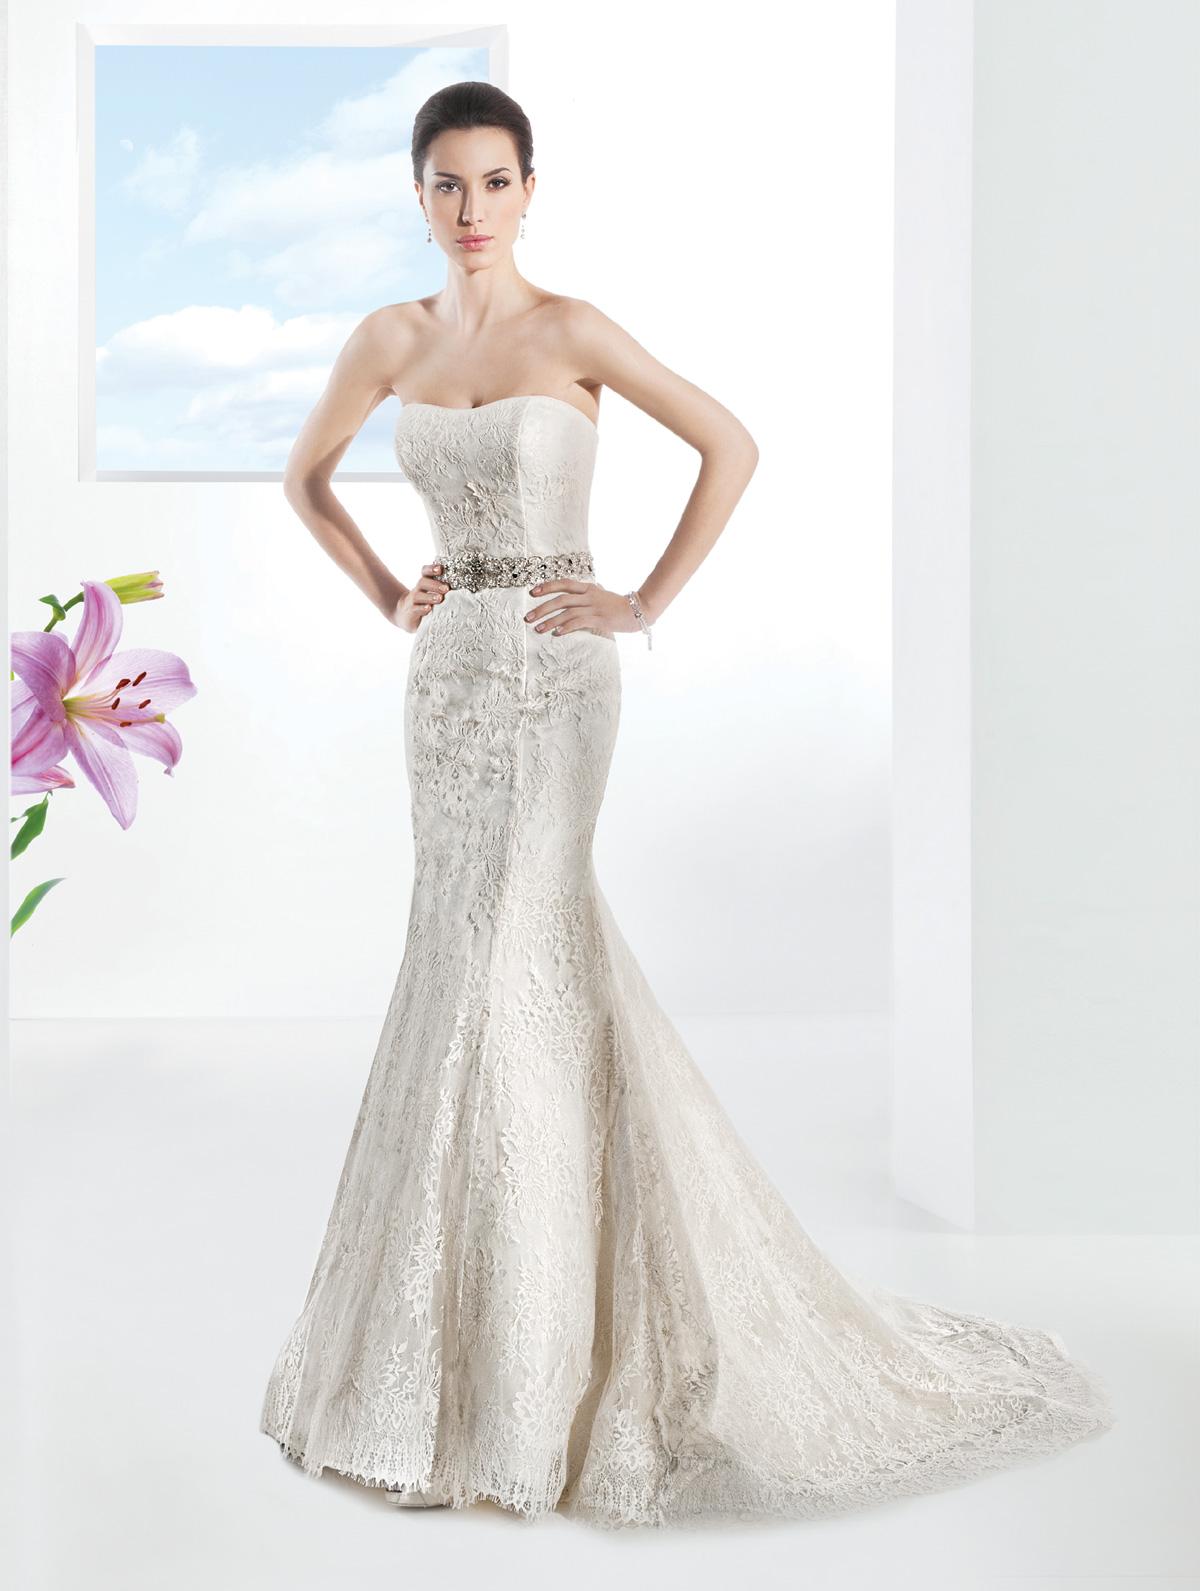 Vestido de Noiva tomara que caia em renda, corte sereia com cinto de cristais e suave cauda.